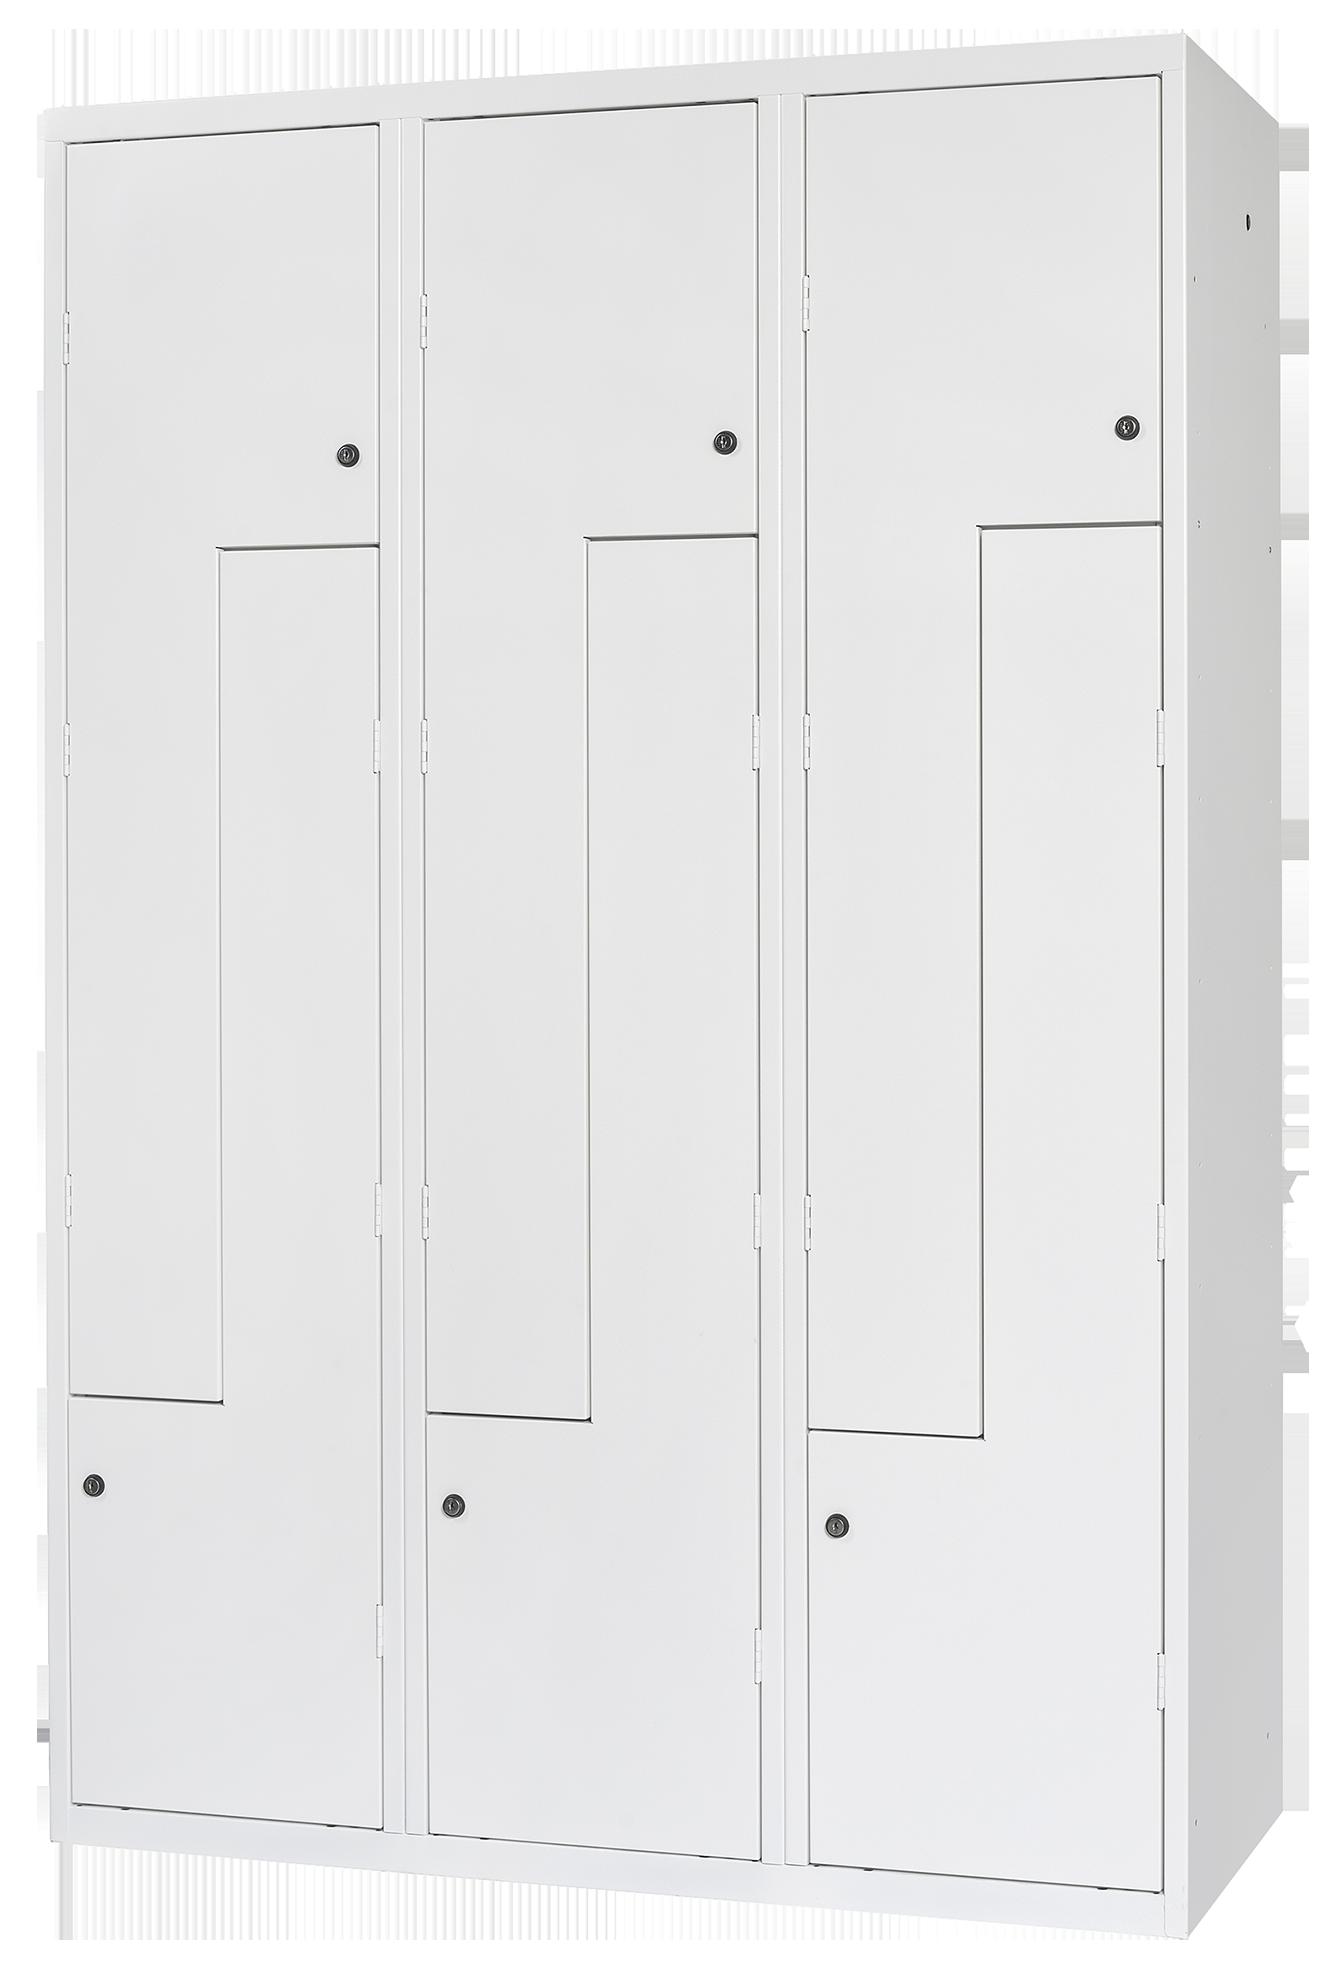 Garderobenschrank mit einliegenden Türen aus Metall